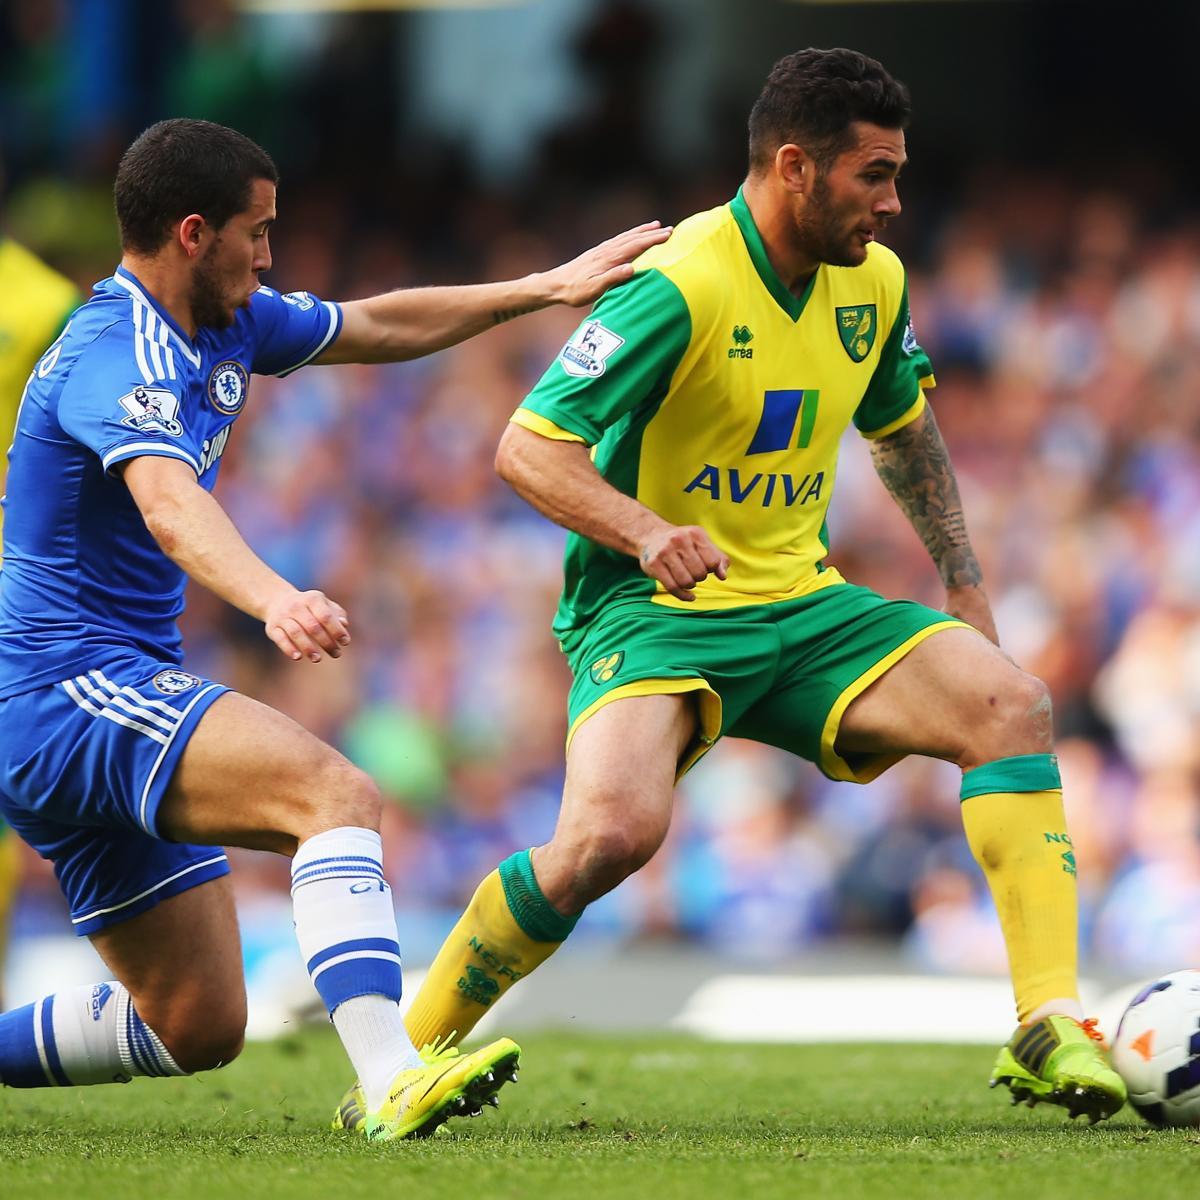 Psg Vs Chelsea Live Score Highlights From Champions: Chelsea Vs. Norwich City: Premier League Live Score